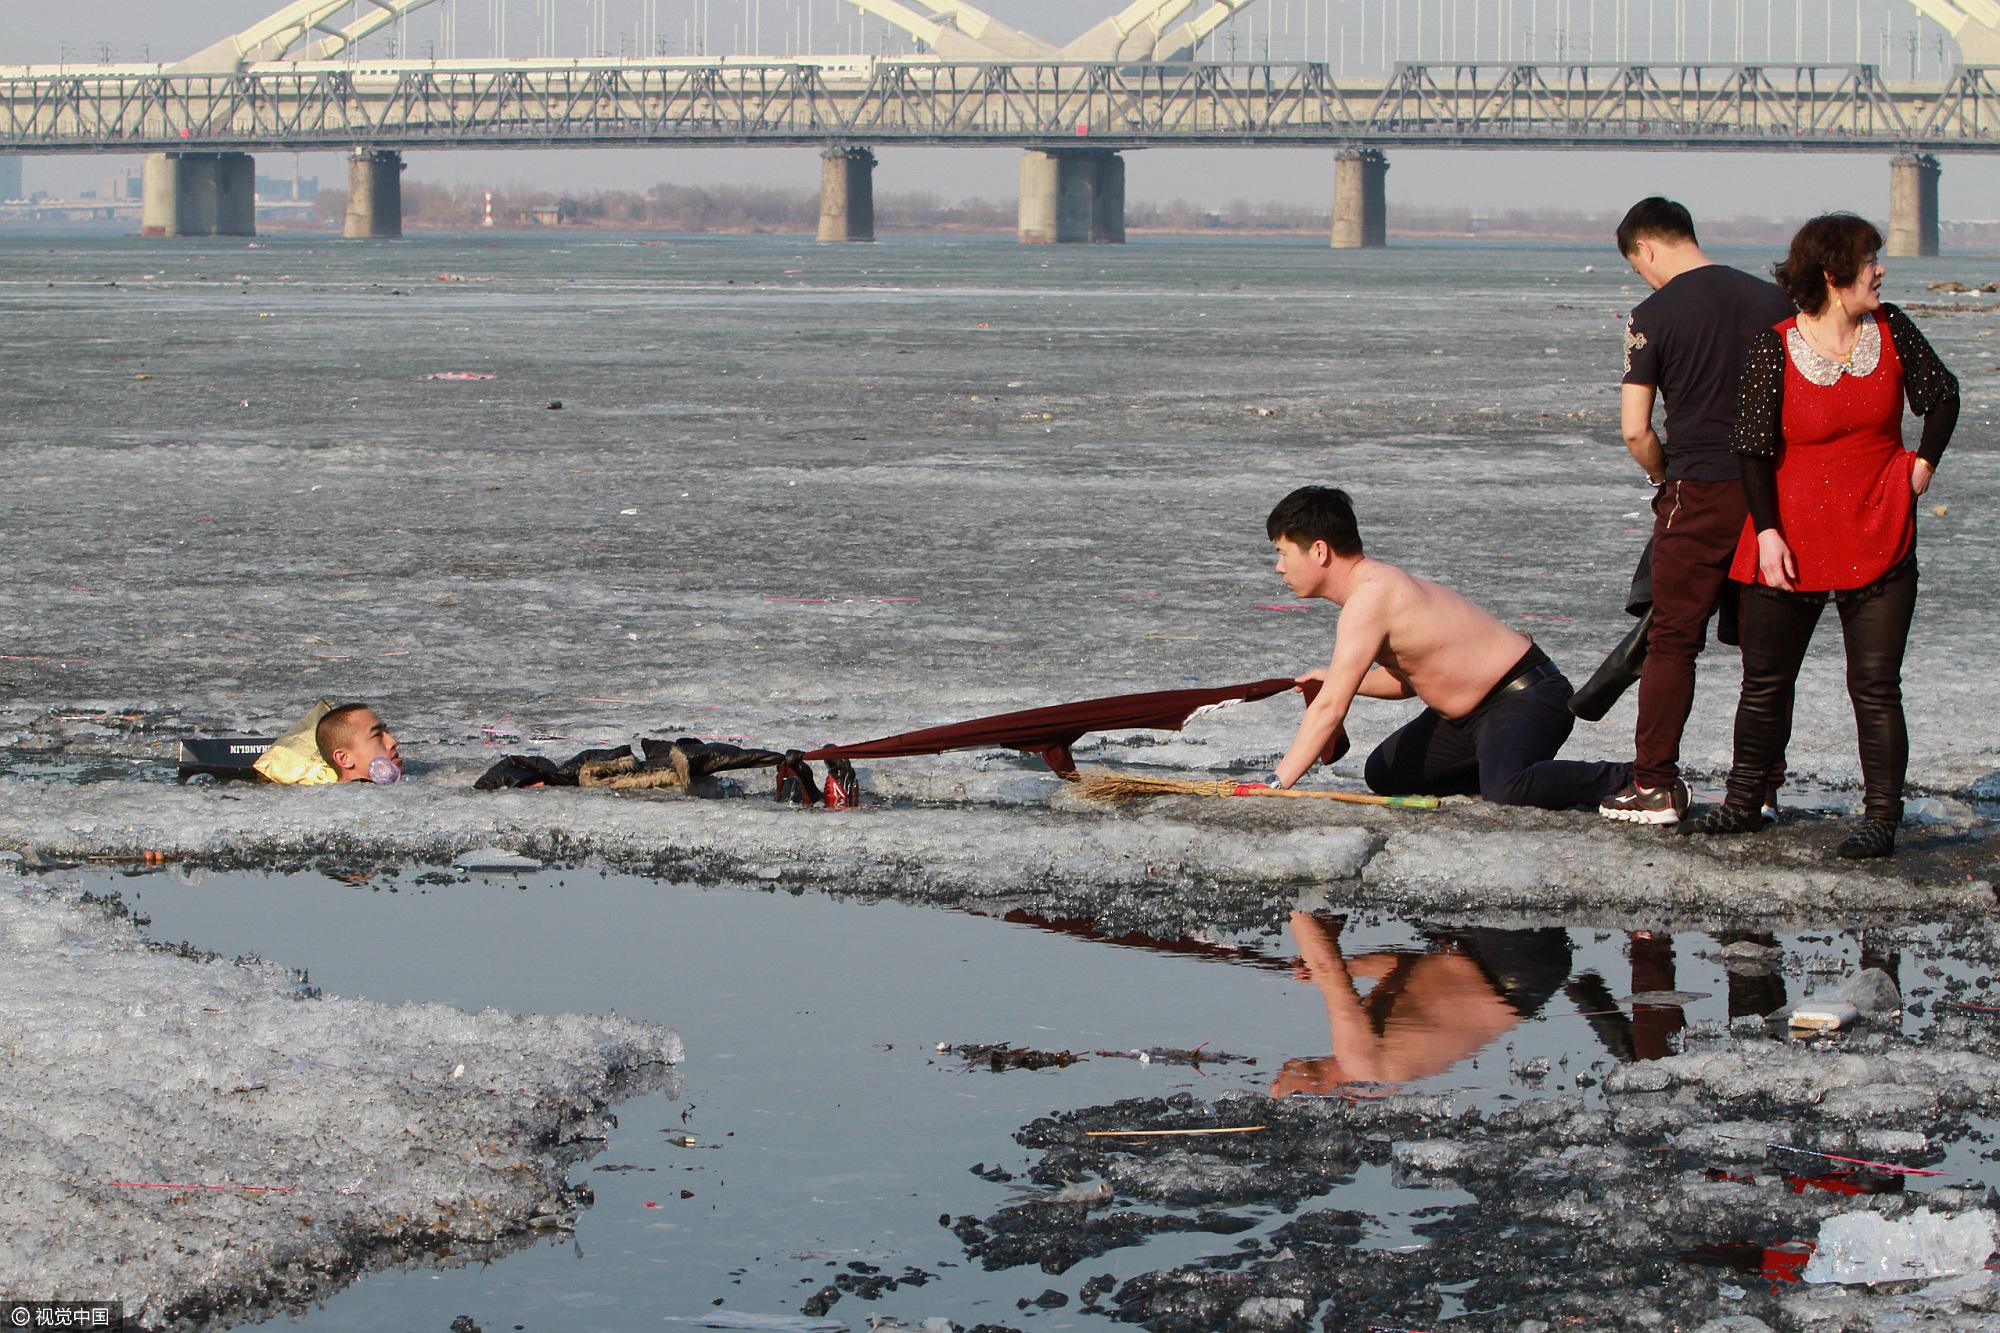 哈尔滨一拾荒者意外坠江 市民冰窟窿里救人